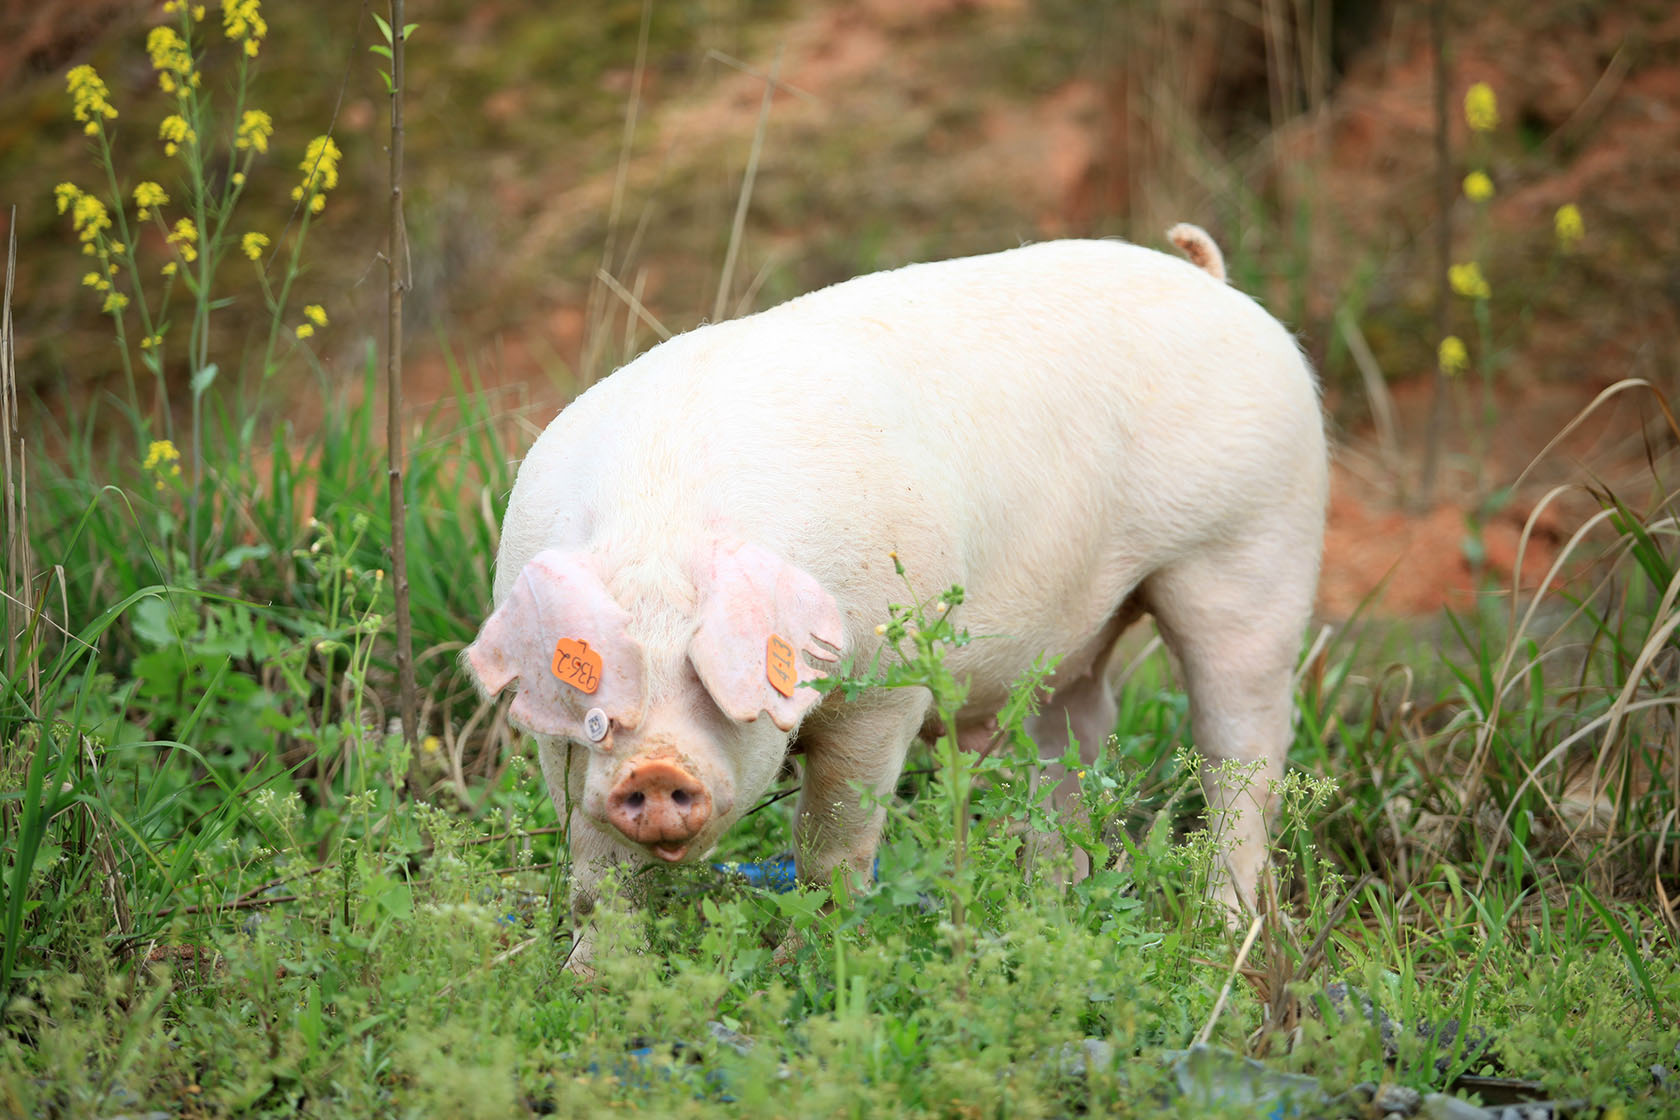 2021年05月11日全国各省市外三元生猪价格,生猪价格蛮横下跌,多重打压下何时能脱离谷底?